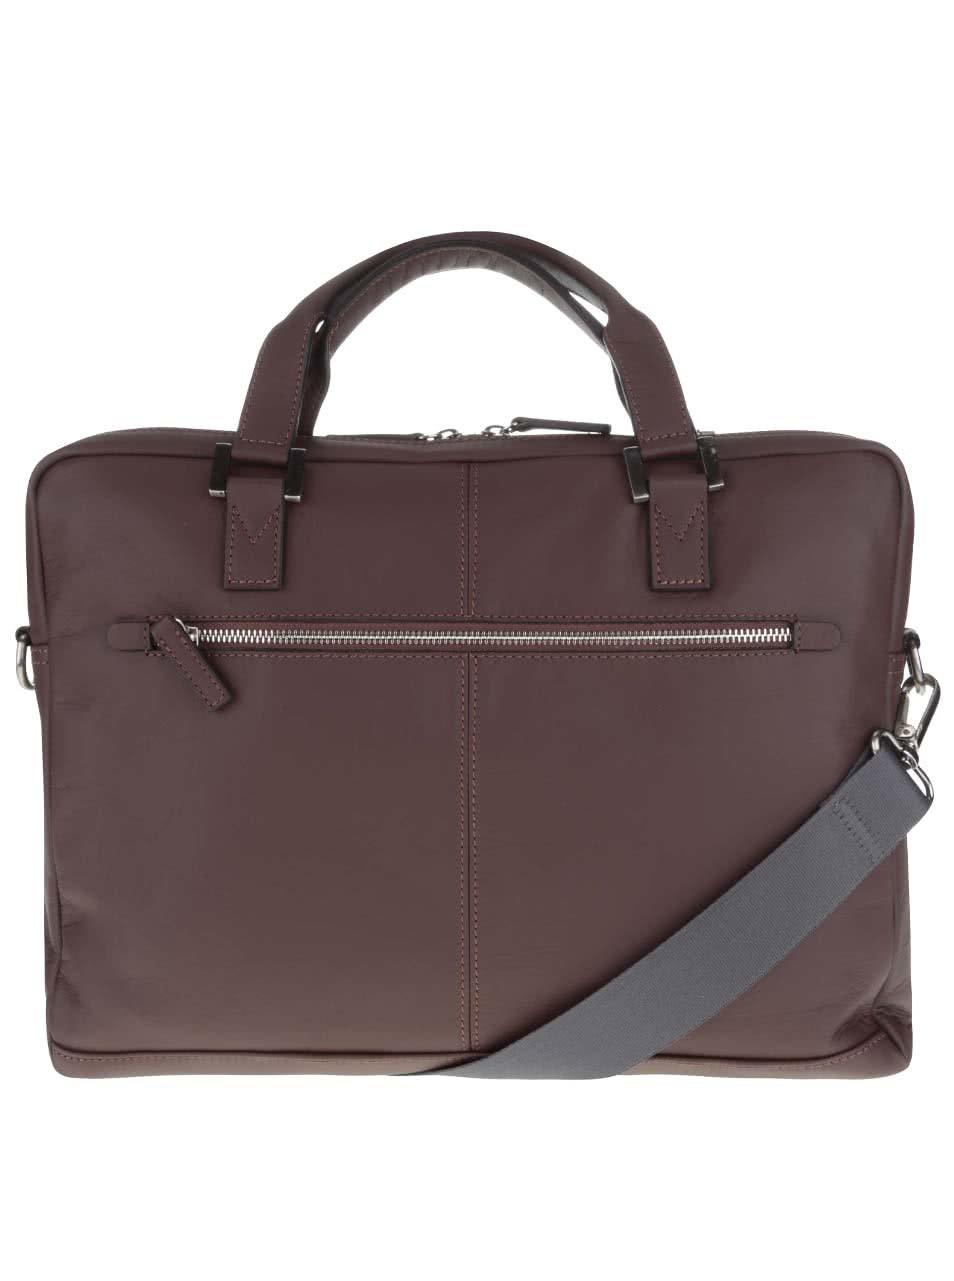 401ffc665a Tmavě hnědá pánská kožená taška bugatti Manhattan ...